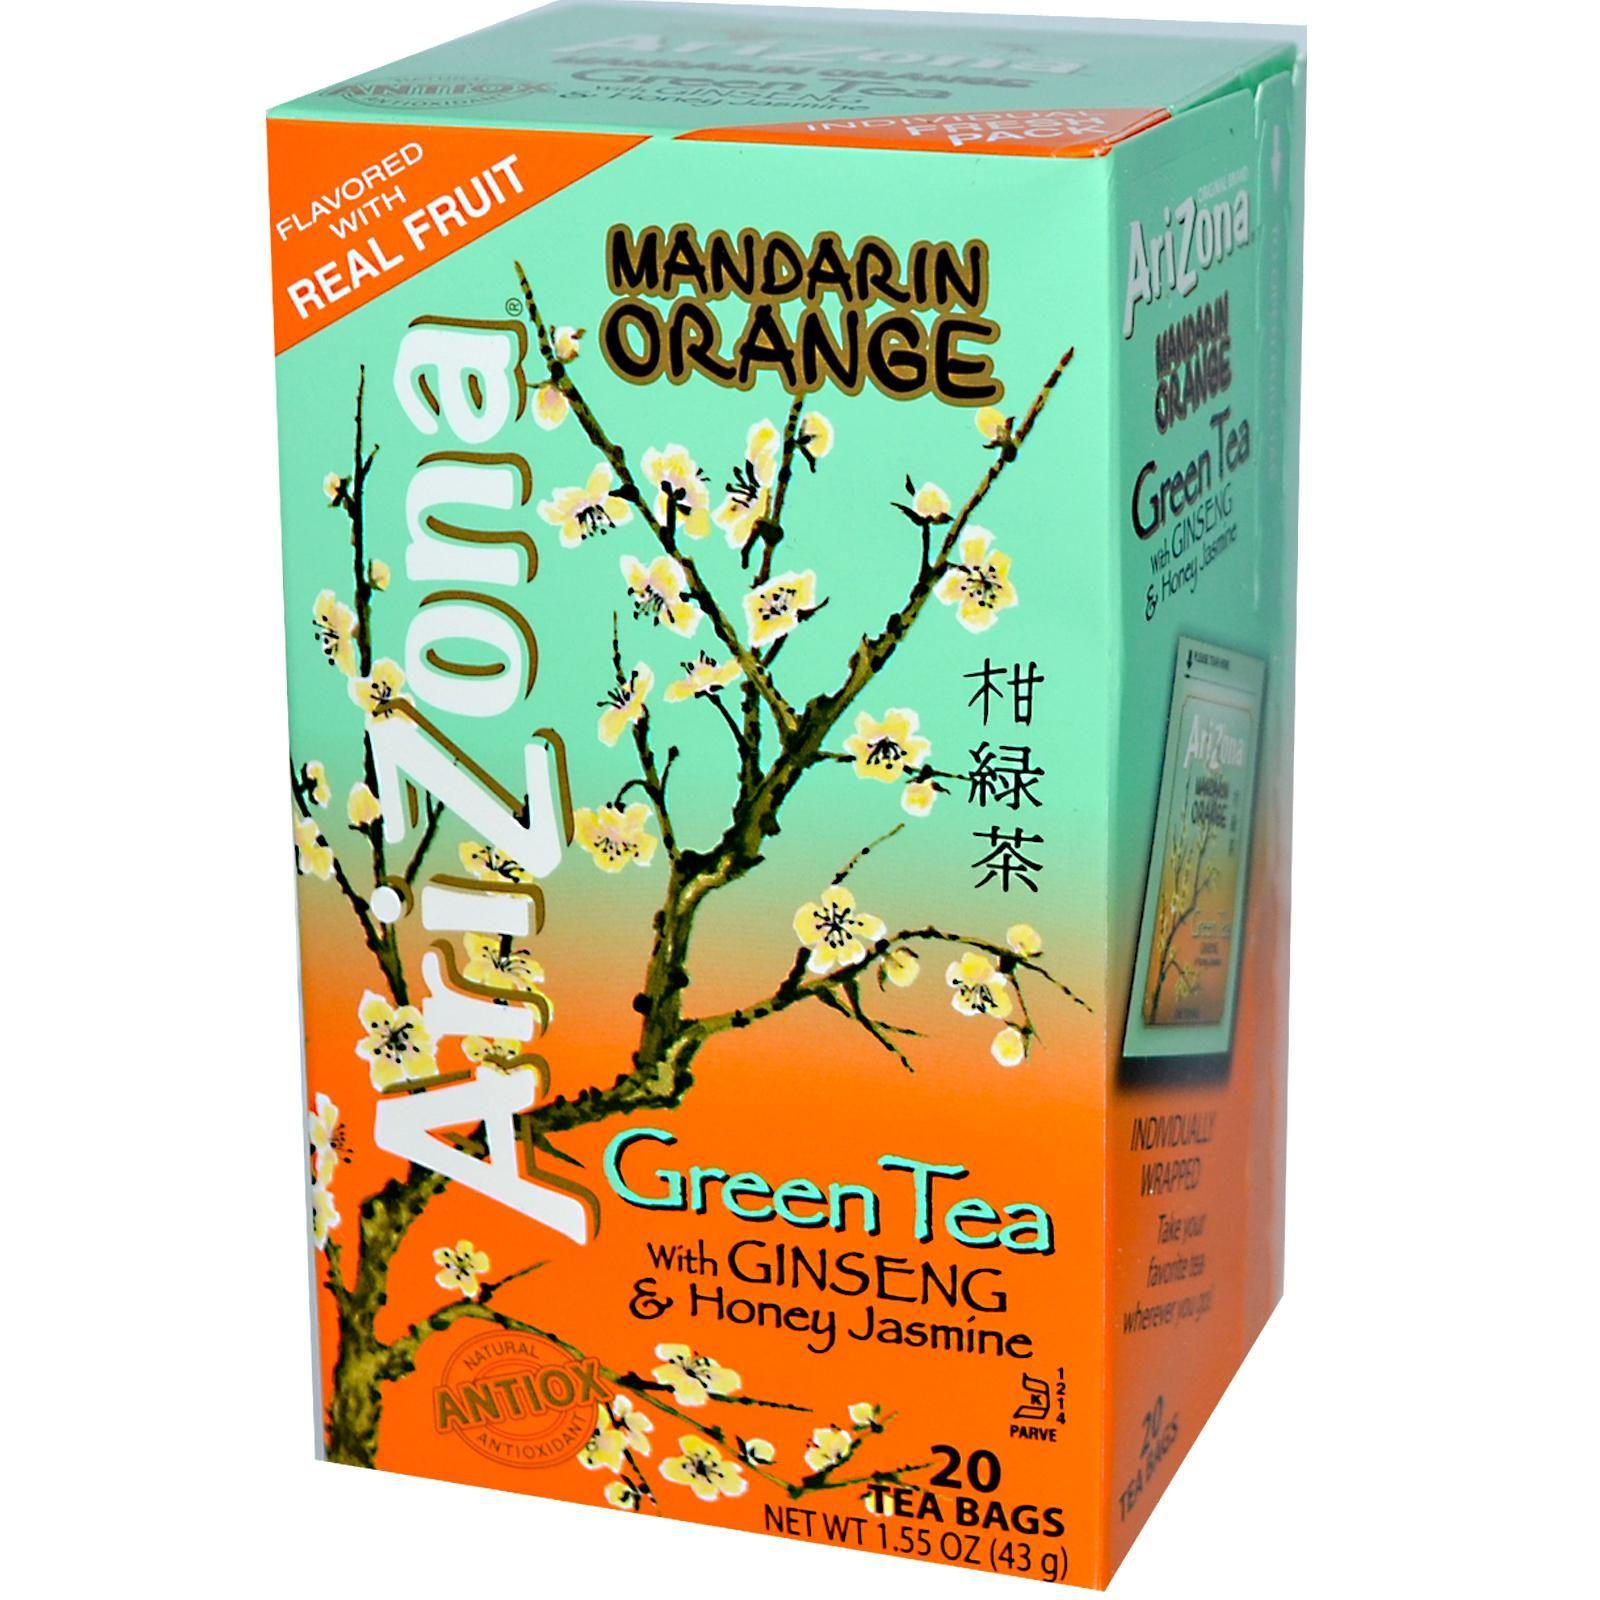 AriZona, Green Tea, with Ginseng & Honey Jasmine, Mandarin Orange, 20 Tea Bags, 1.55 oz (43 g) - iHerb.com. Bruk gjerne rabattkoden min (CEC956) hvis du vil handle på iHerb for første gang. Da får du $5 i rabatt på din første ordre (eller $10 om du handler for over $40), og jeg blir kjempeglad, siden jeg får poeng som jeg kan handle for på iHerb. :-)